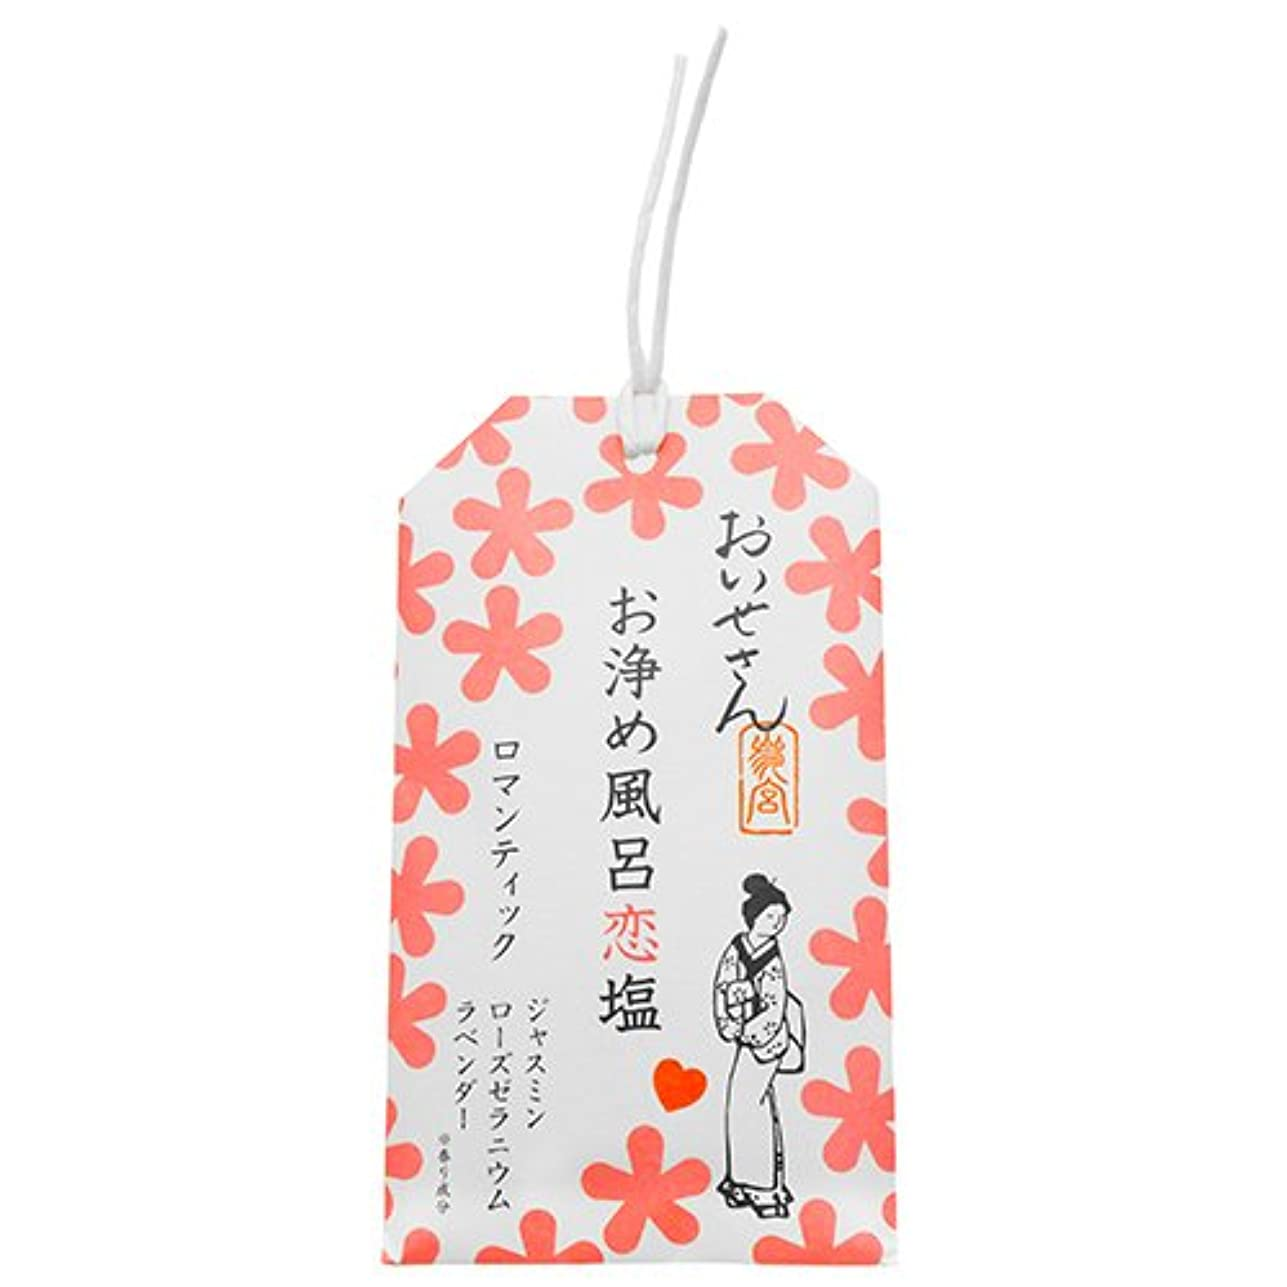 細部嫌なバナナおいせさん お浄め風呂恋塩(ロマンティック)